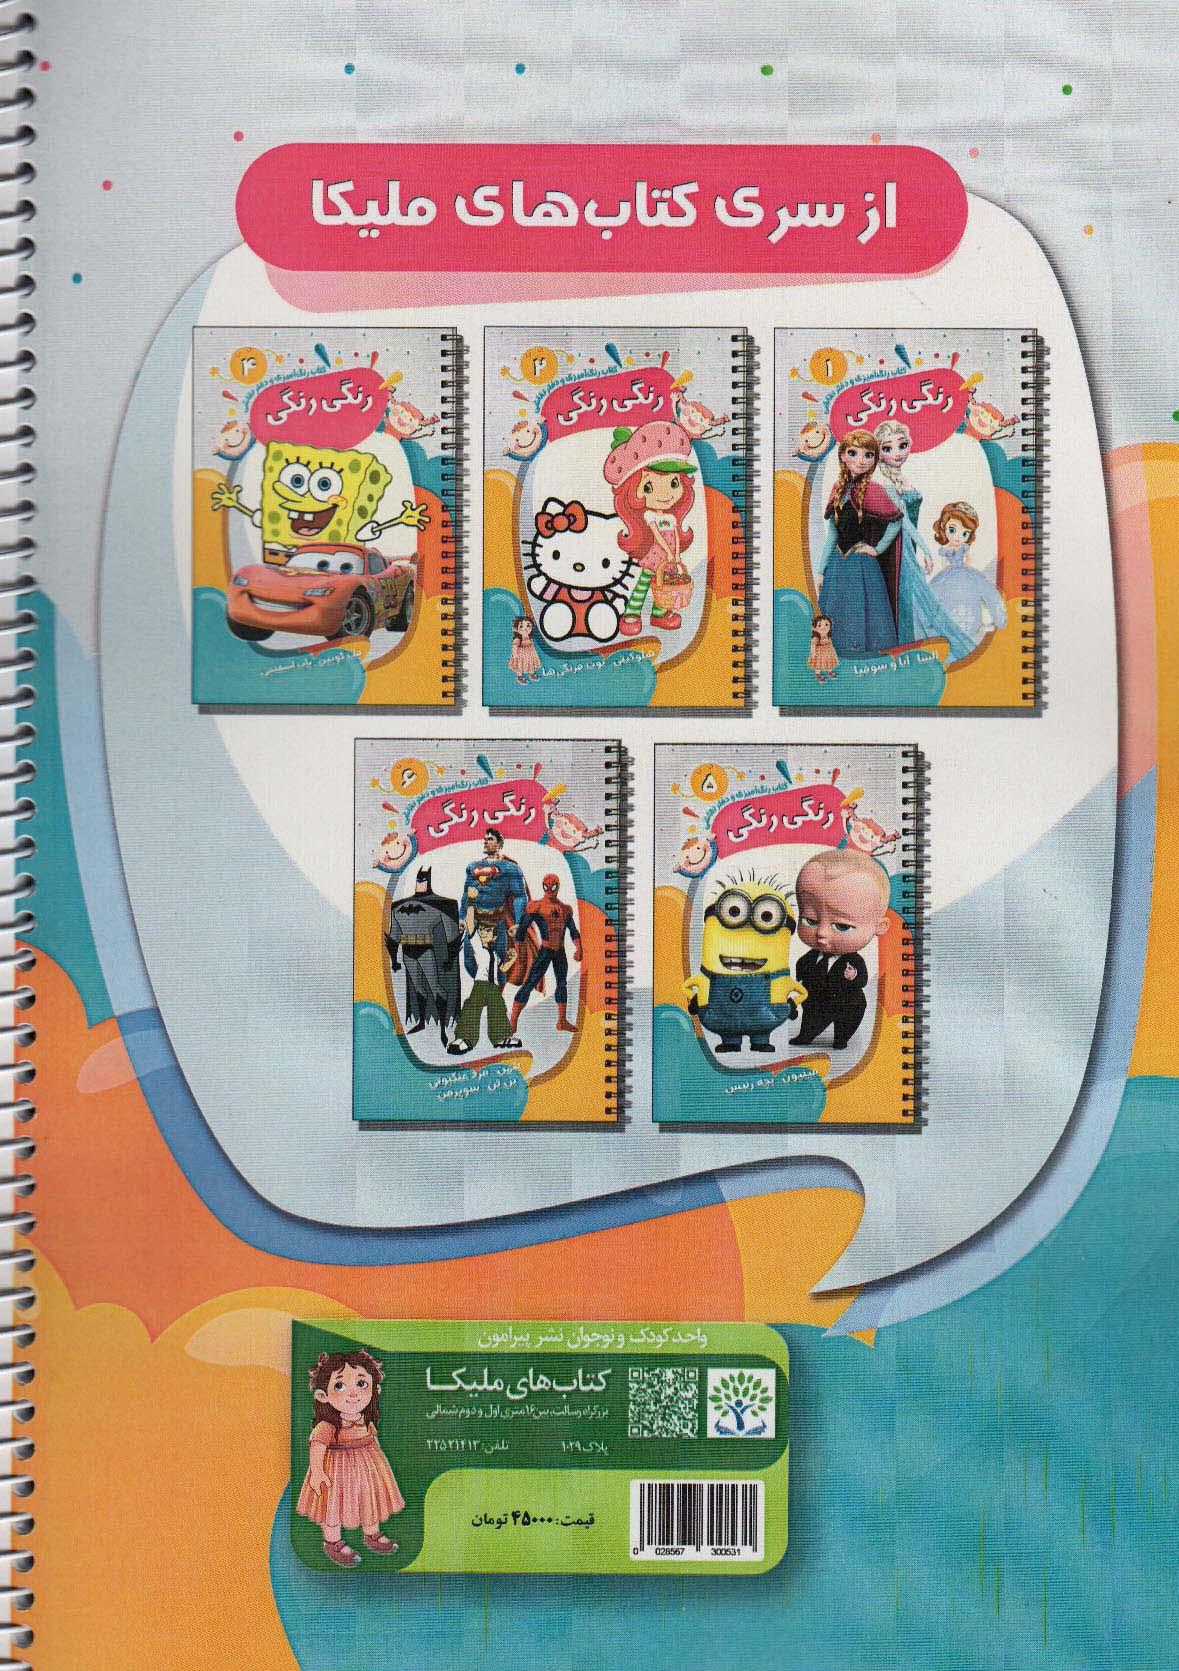 کتاب رنگ آمیزی و دفتر نقاشی رنگی رنگی 3 (پو-سگ های نگهبان)،(سیمی)